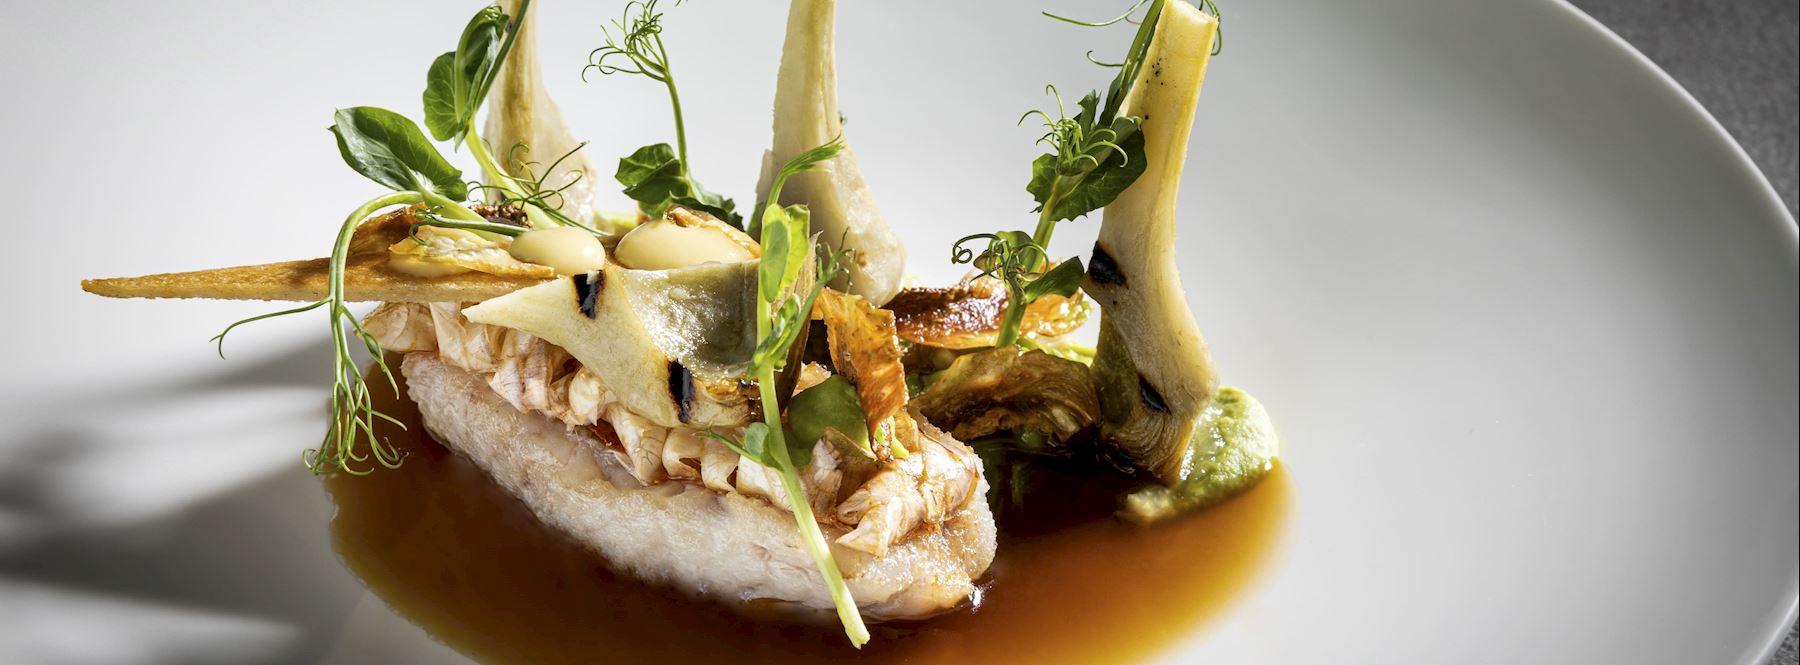 Michelin Sterne Küche im Restaurant Wien - OPUS